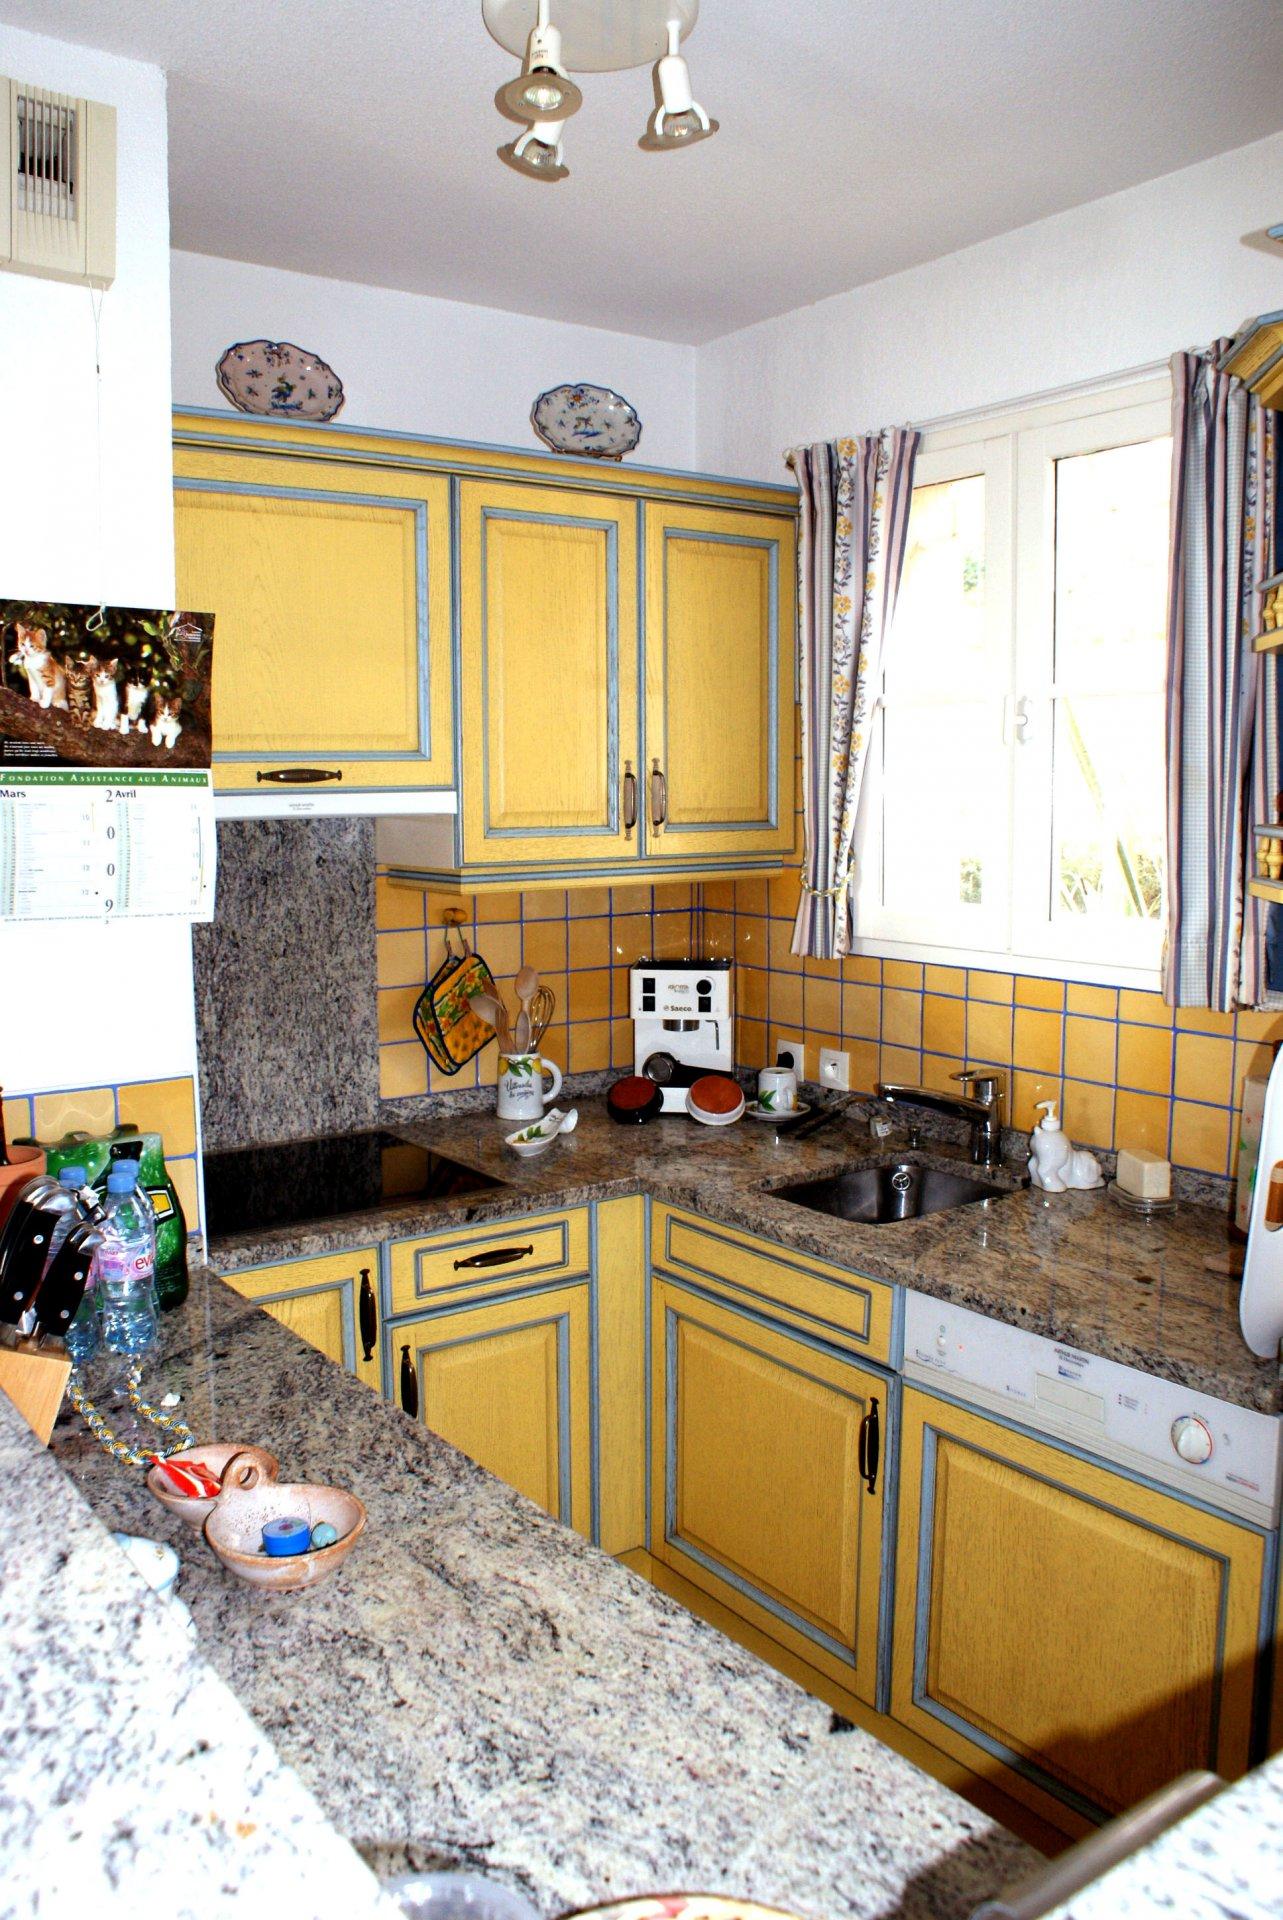 Full Size of Amerikanische Outdoor Küchen 2 Zimmer 4 Personen Kche Mit Spl Und Regal Küche Kaufen Amerikanisches Bett Edelstahl Betten Wohnzimmer Amerikanische Outdoor Küchen